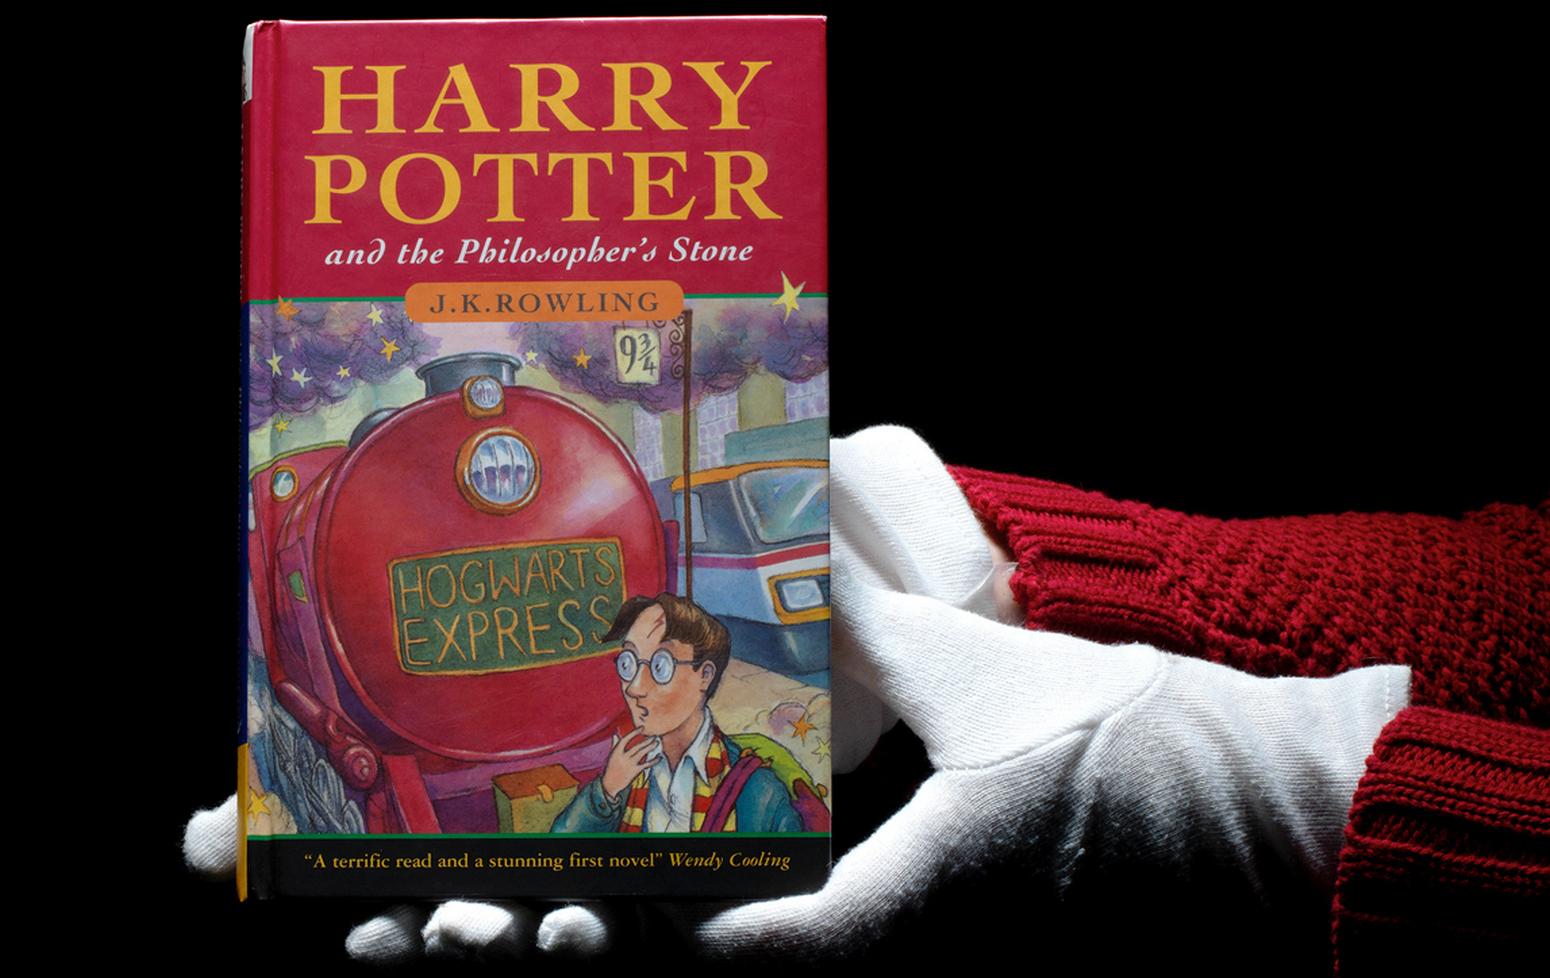 Resultado de imagem para harry potter y la piedra filosofal primera edicion Harry Potter and the Philosopher's Stone Discover 124k rare book of 'Harry Potter and the Philosopher's Stone' harry potter bonhams auction